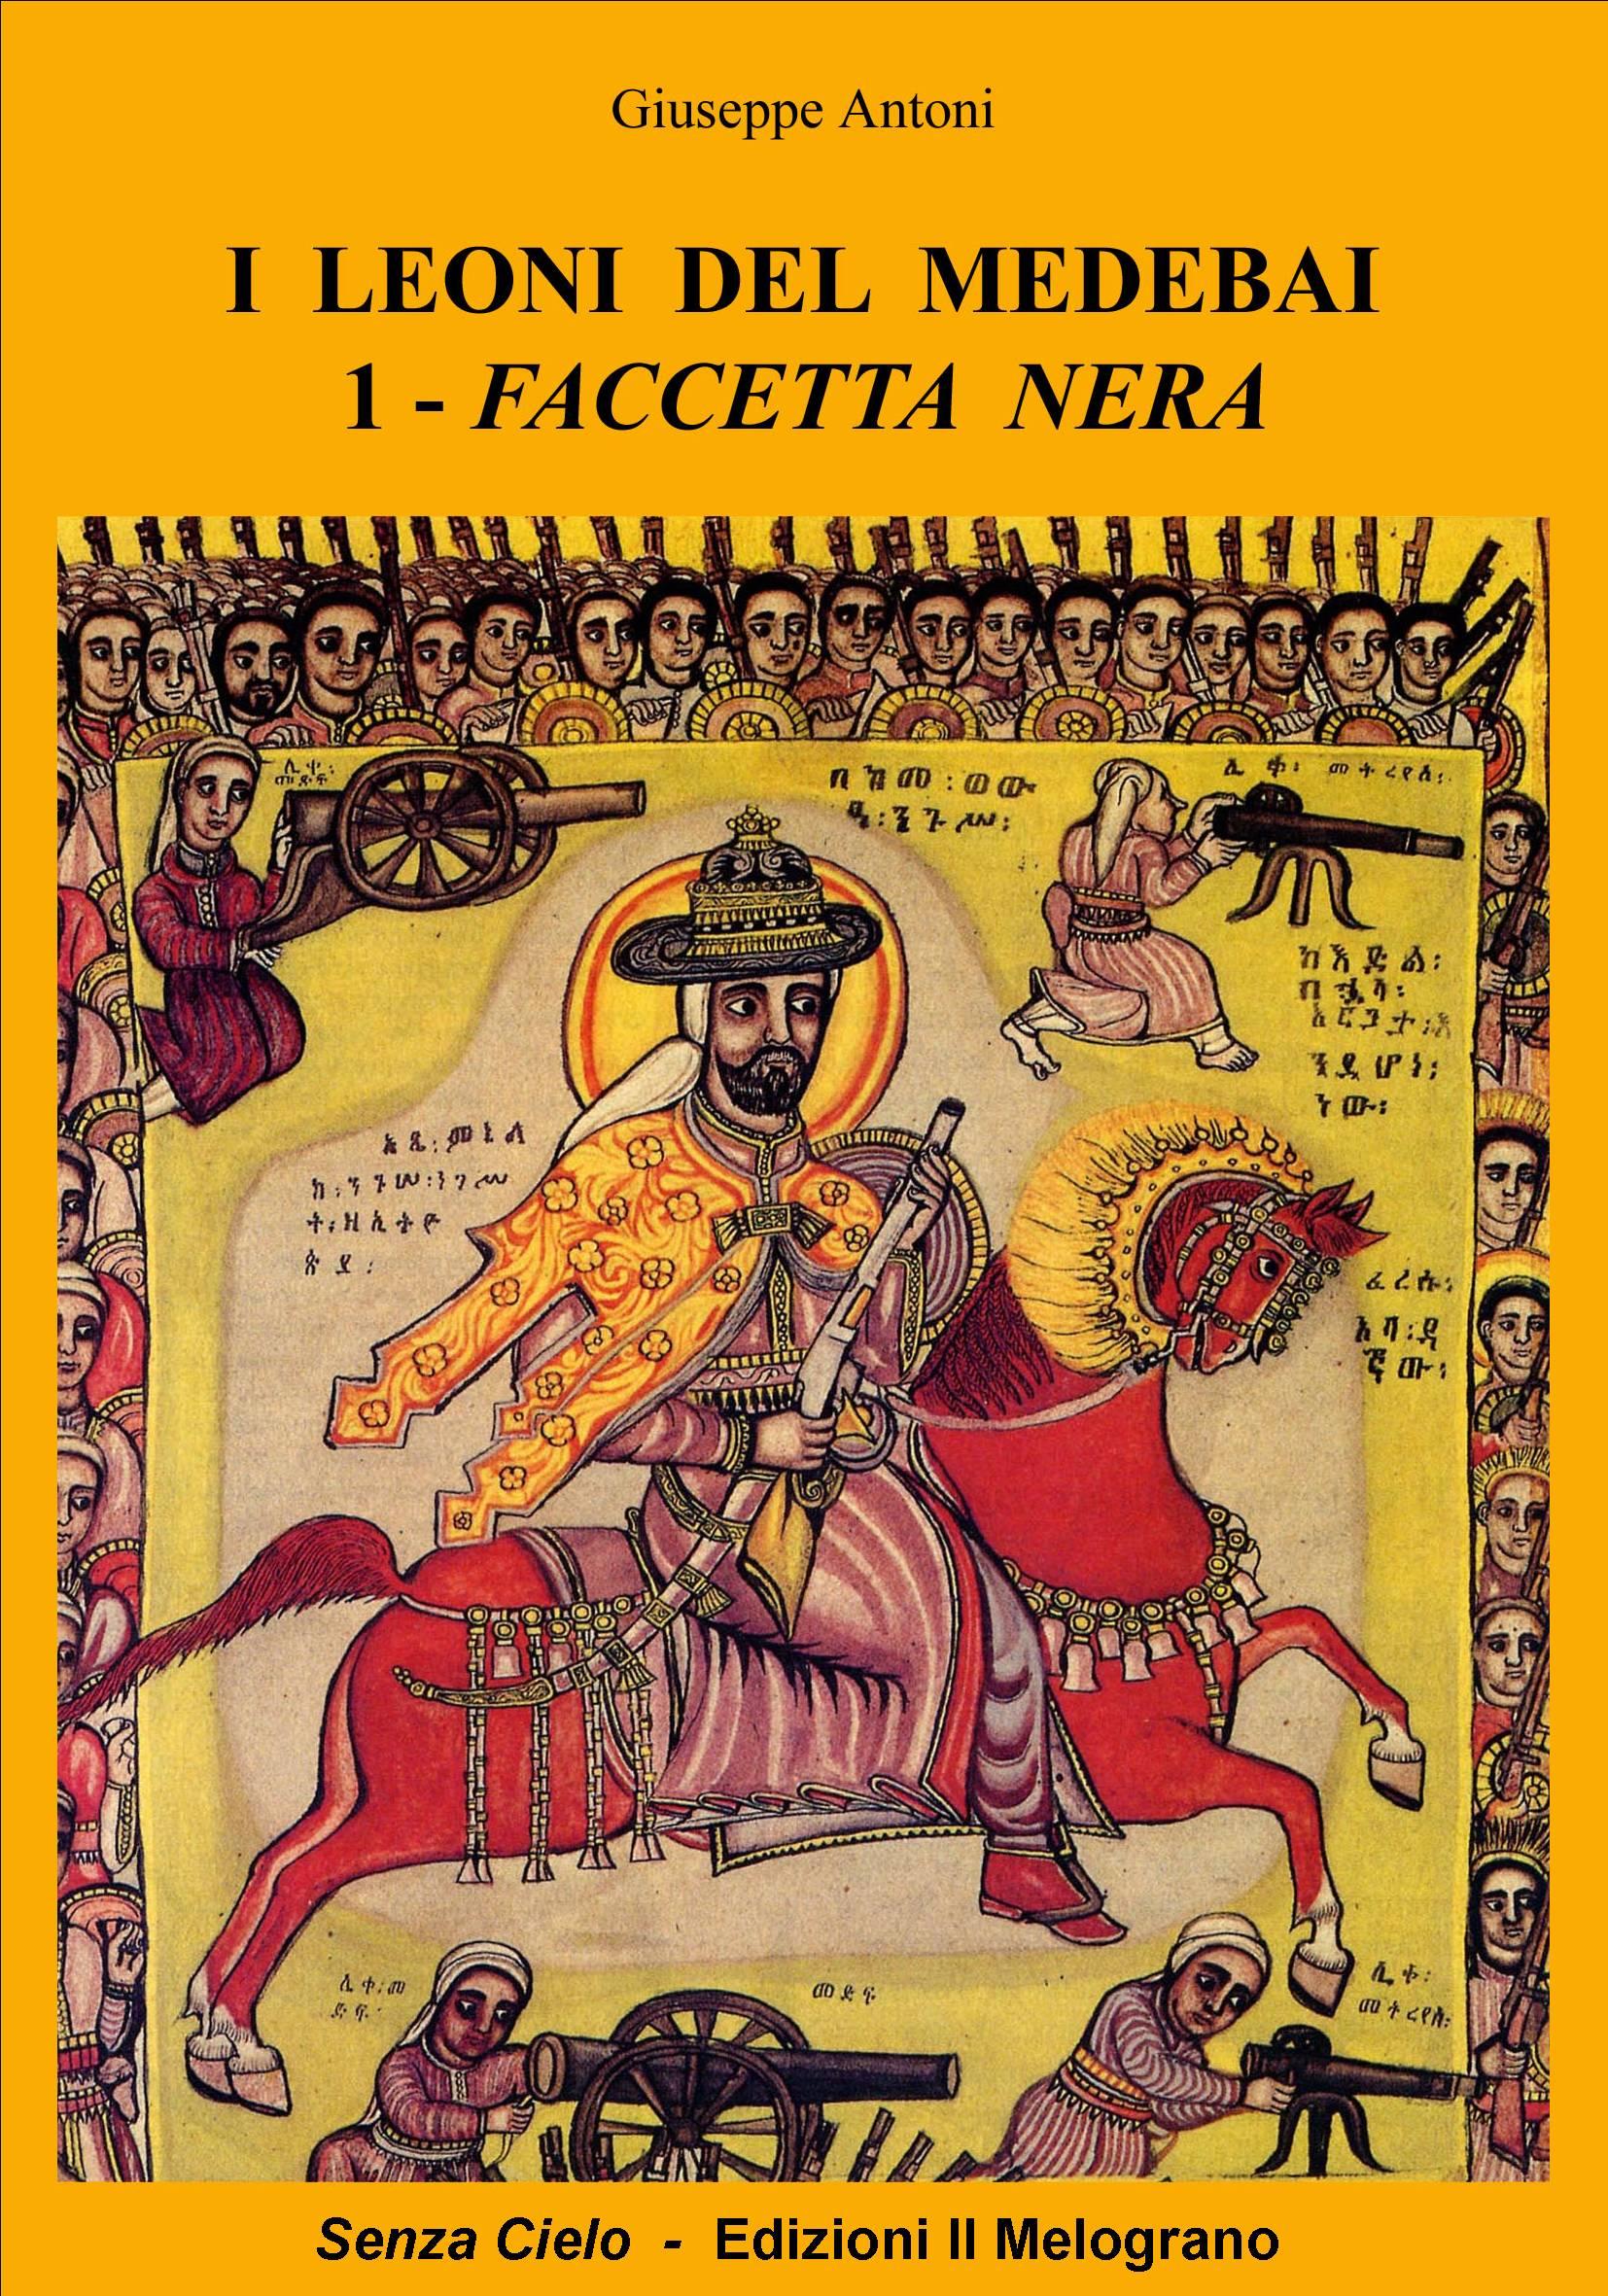 I Leoni del madebai - Faccetta nera